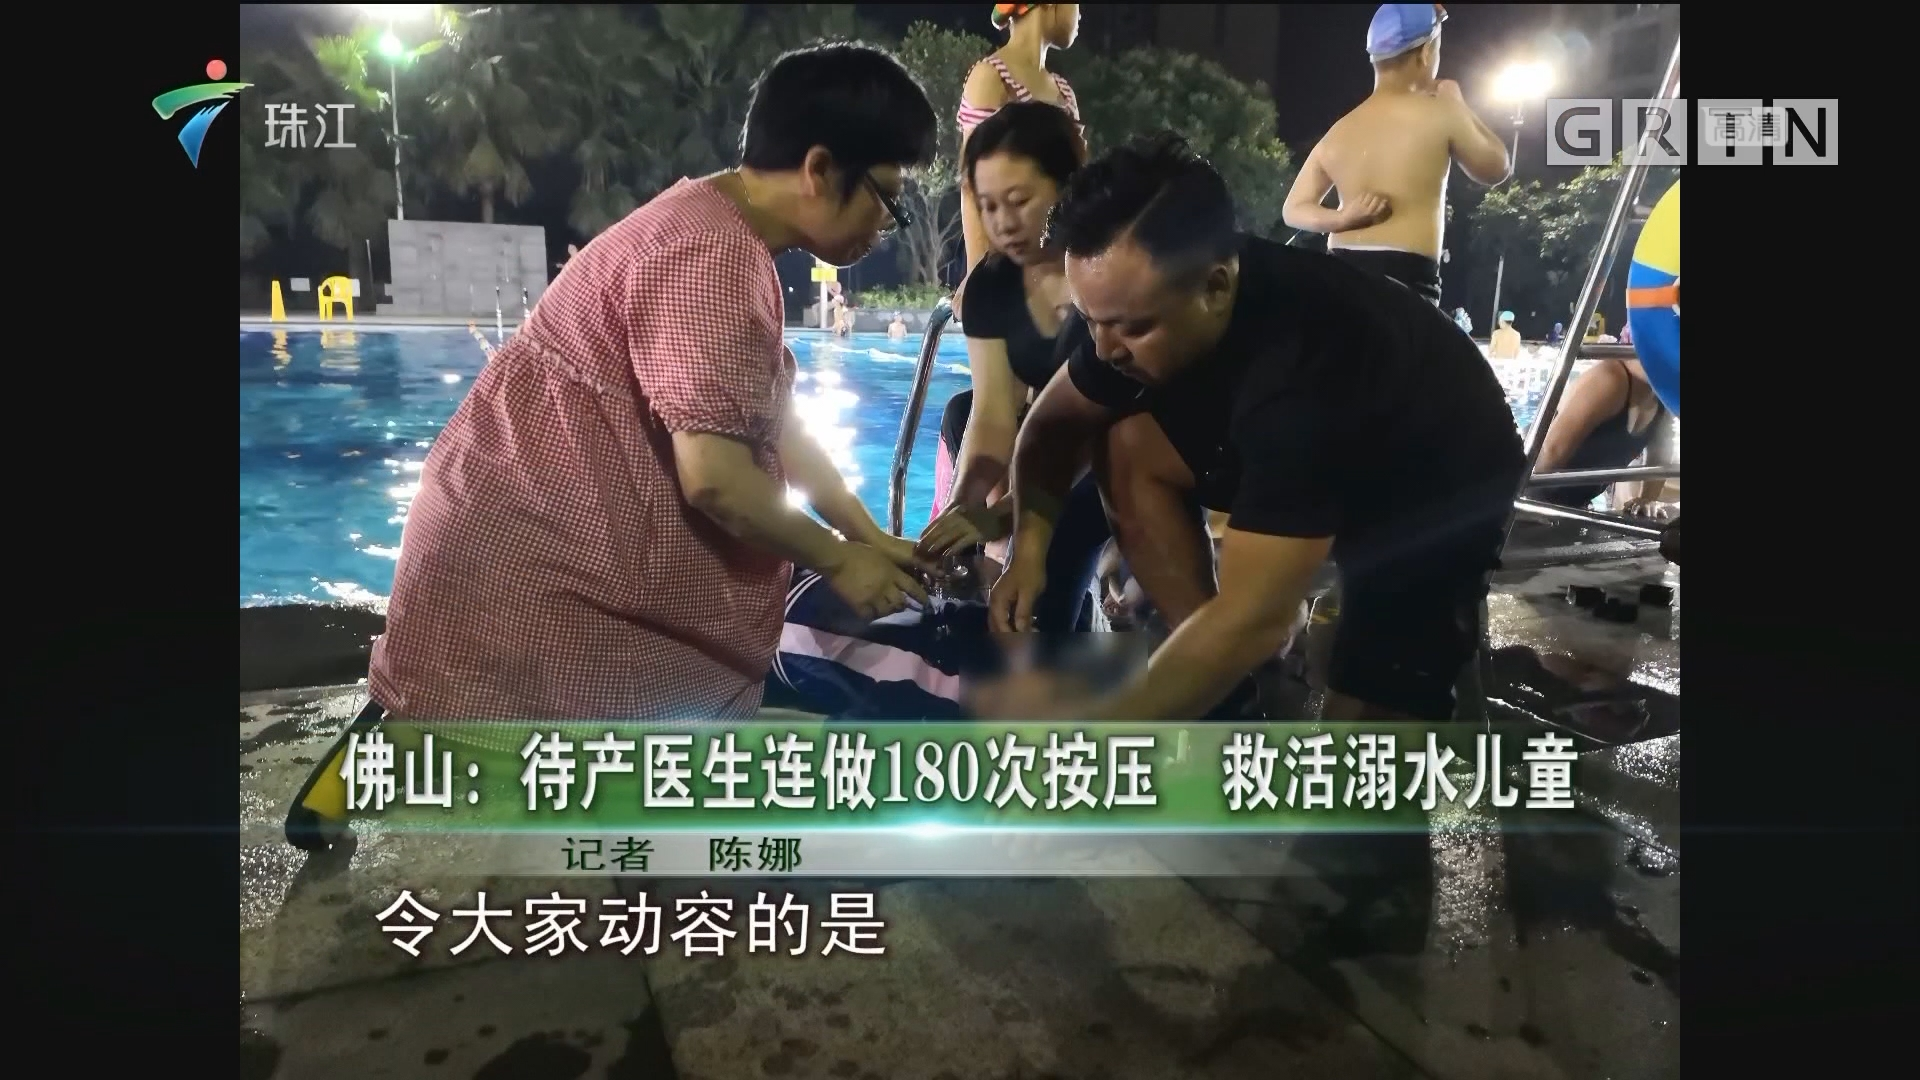 佛山:待产医生连做180次按压 救活溺水儿童